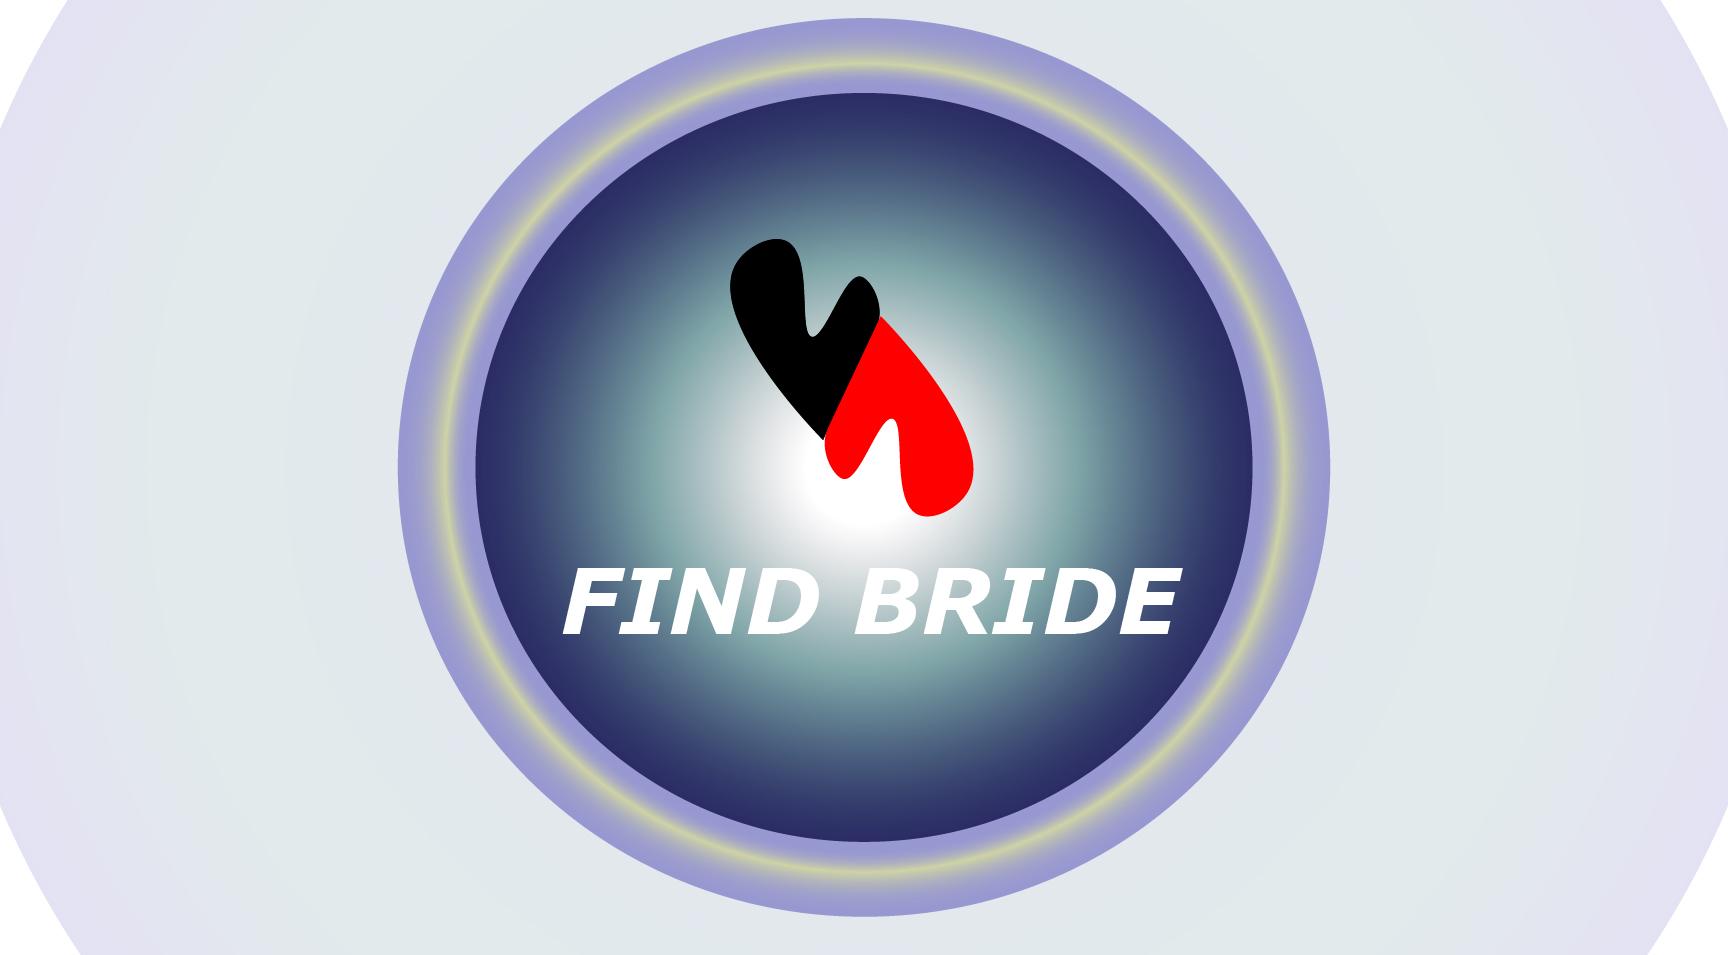 Нарисовать логотип сайта знакомств фото f_8905acd03aecaeb6.jpg